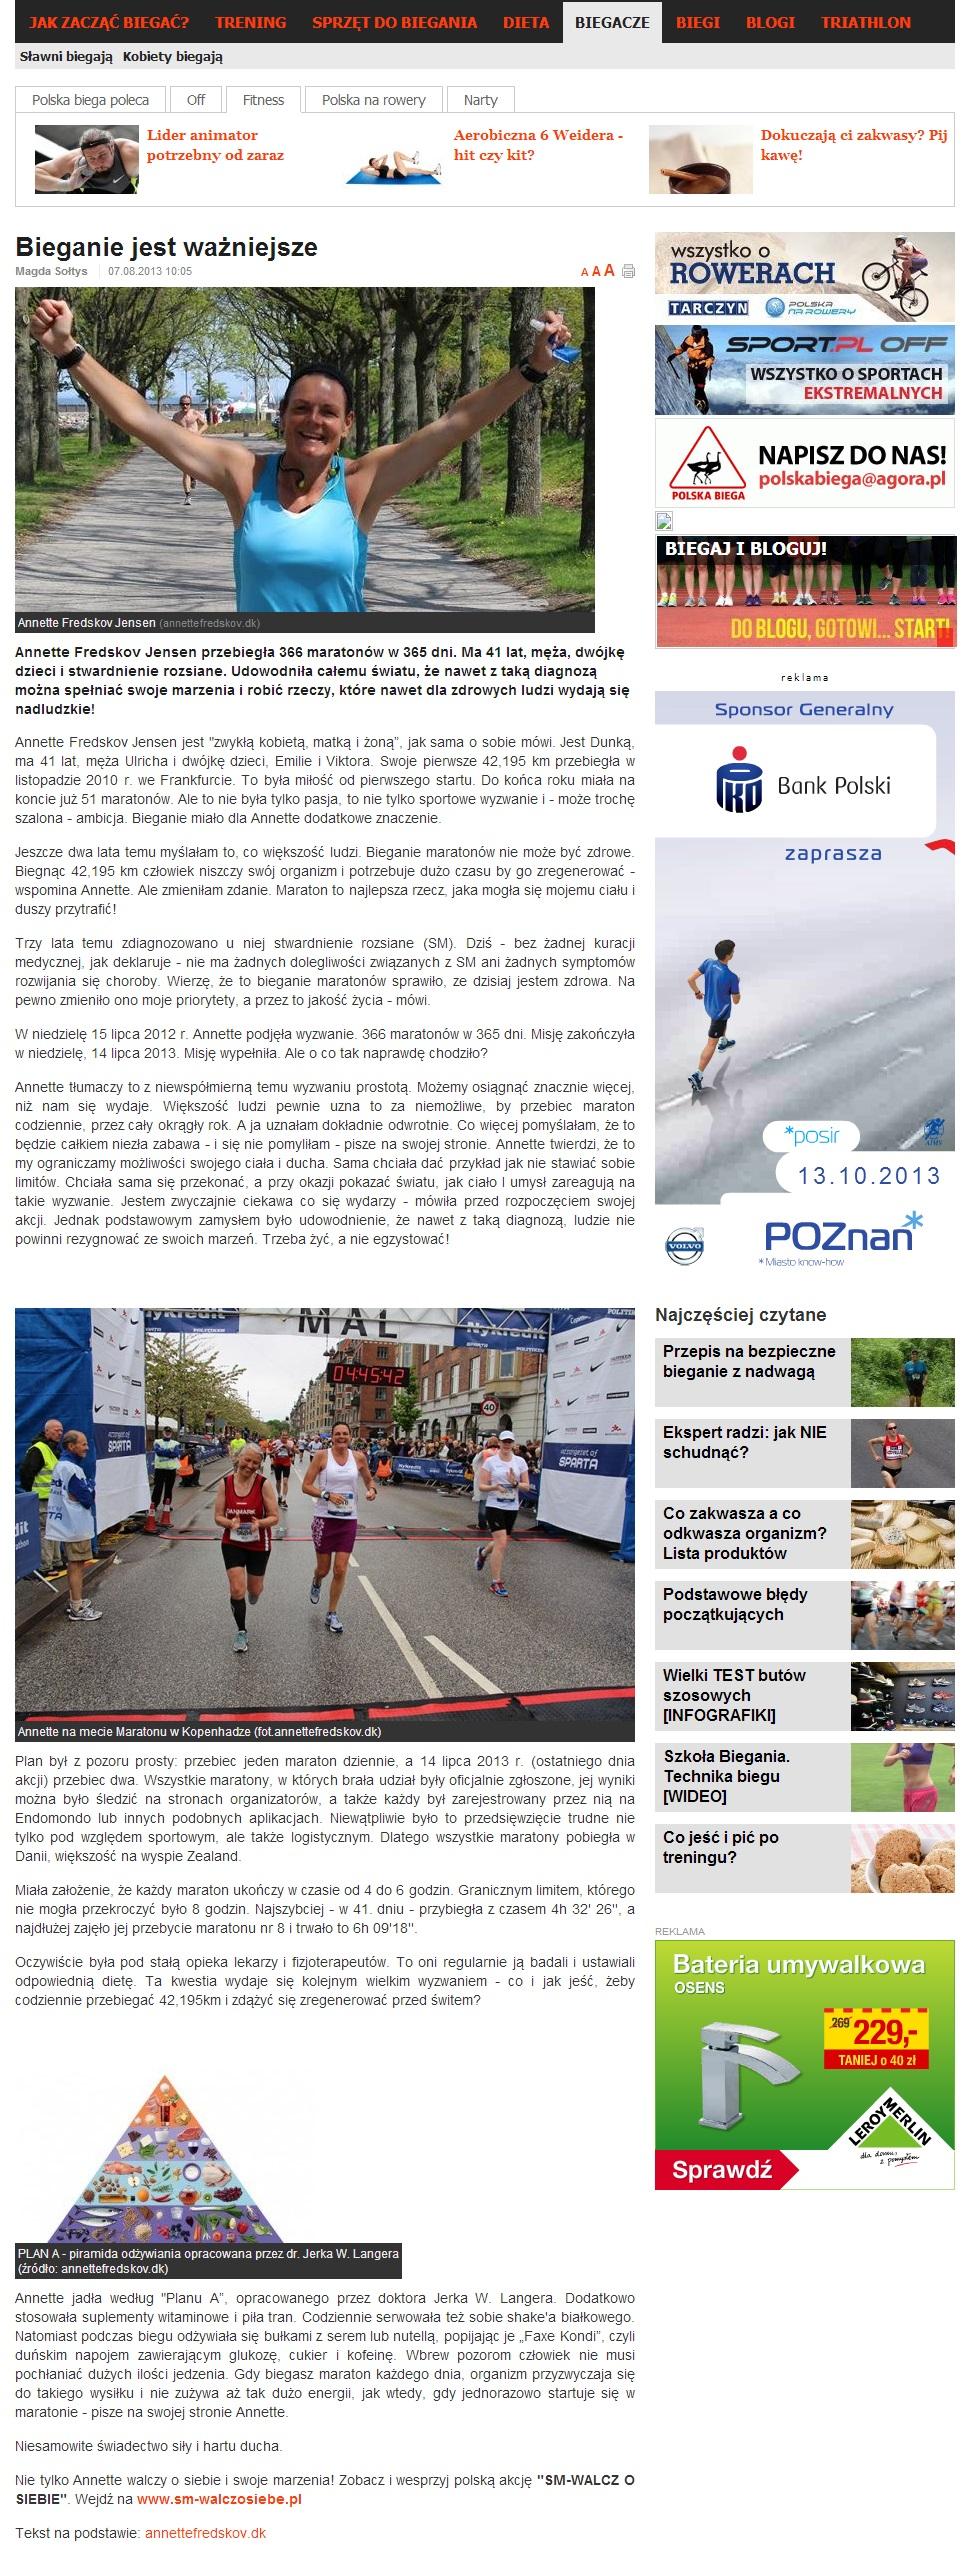 polskabiega.sport.pl 2013.08.07 polsk